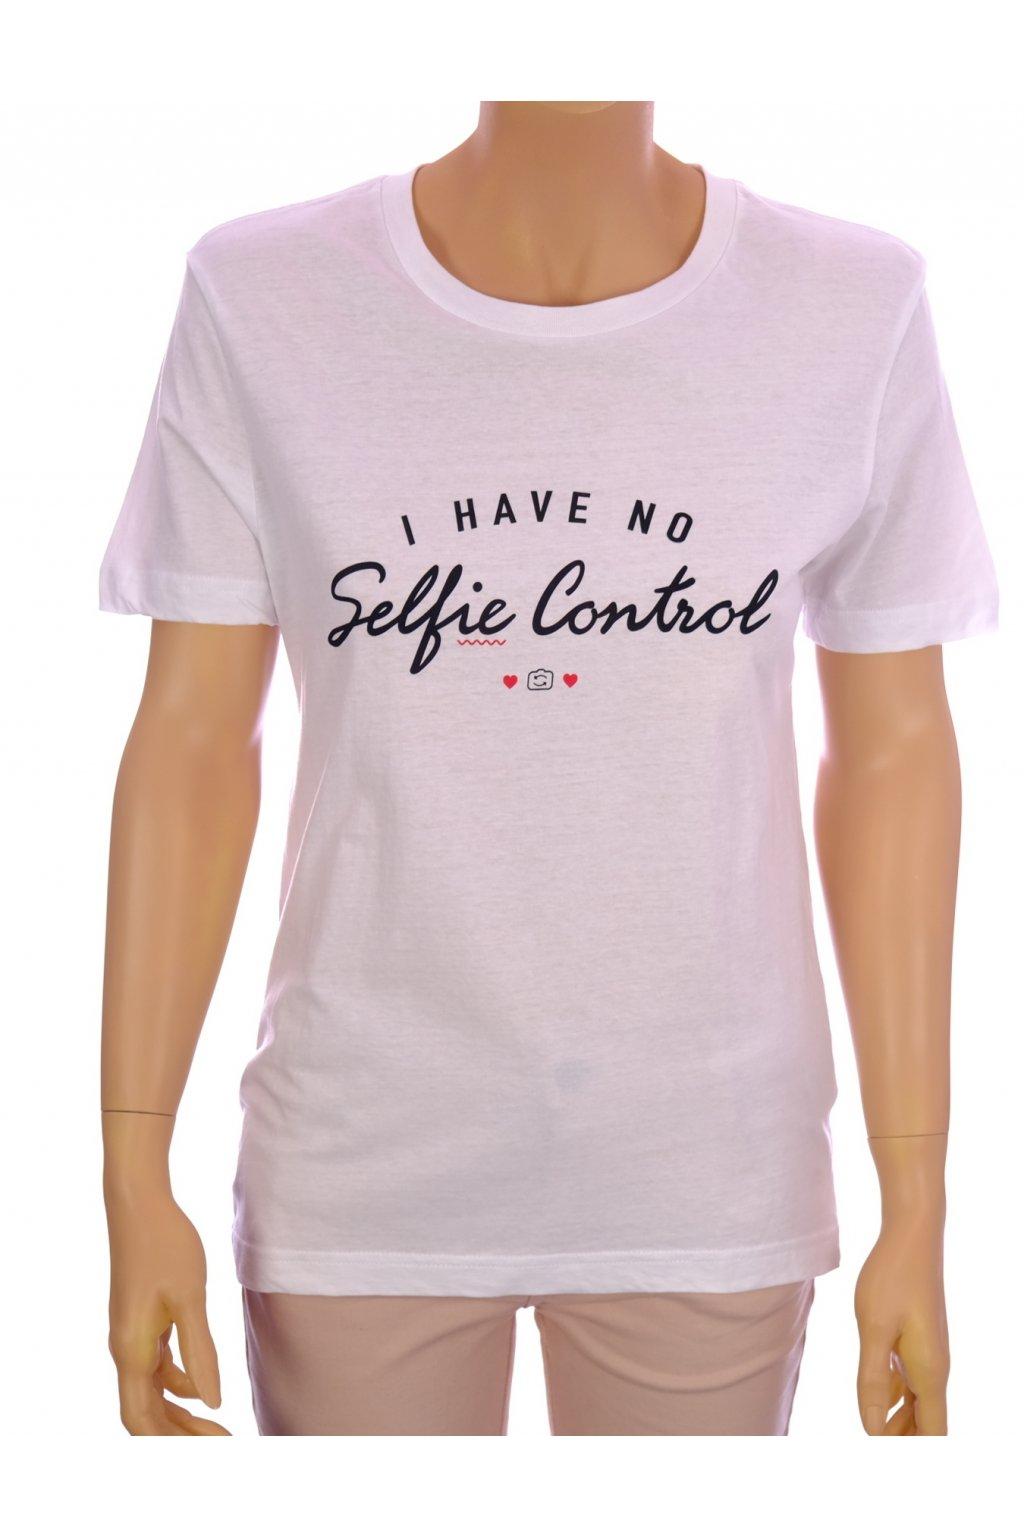 Tričko C&A bílé s nápisem vel. XS